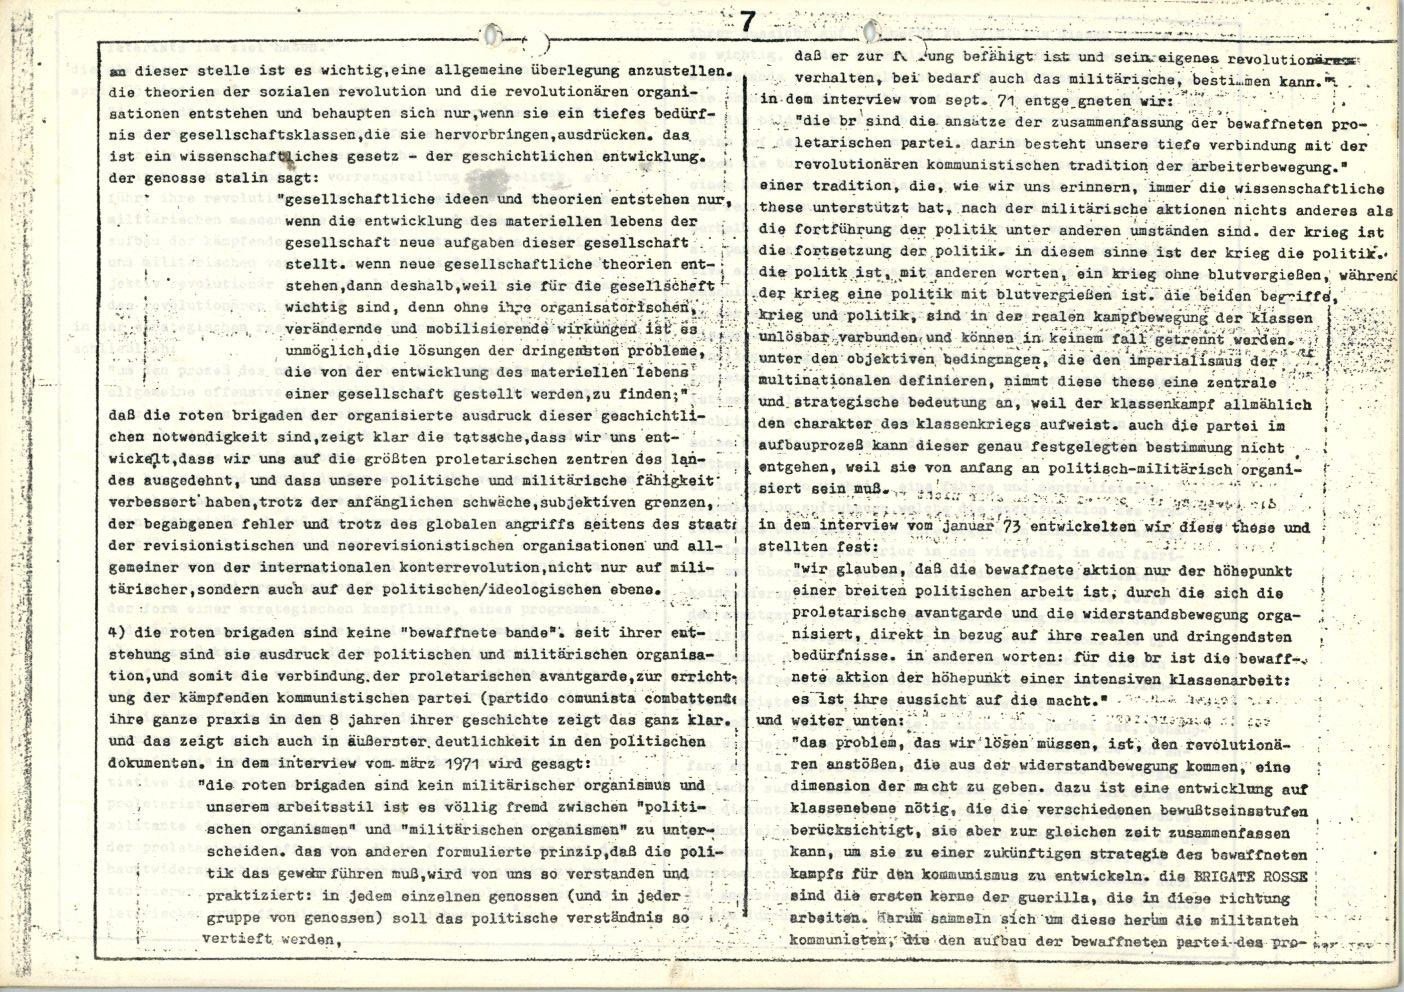 Italien_Brigate_Rosse_1982_Texte_1_22